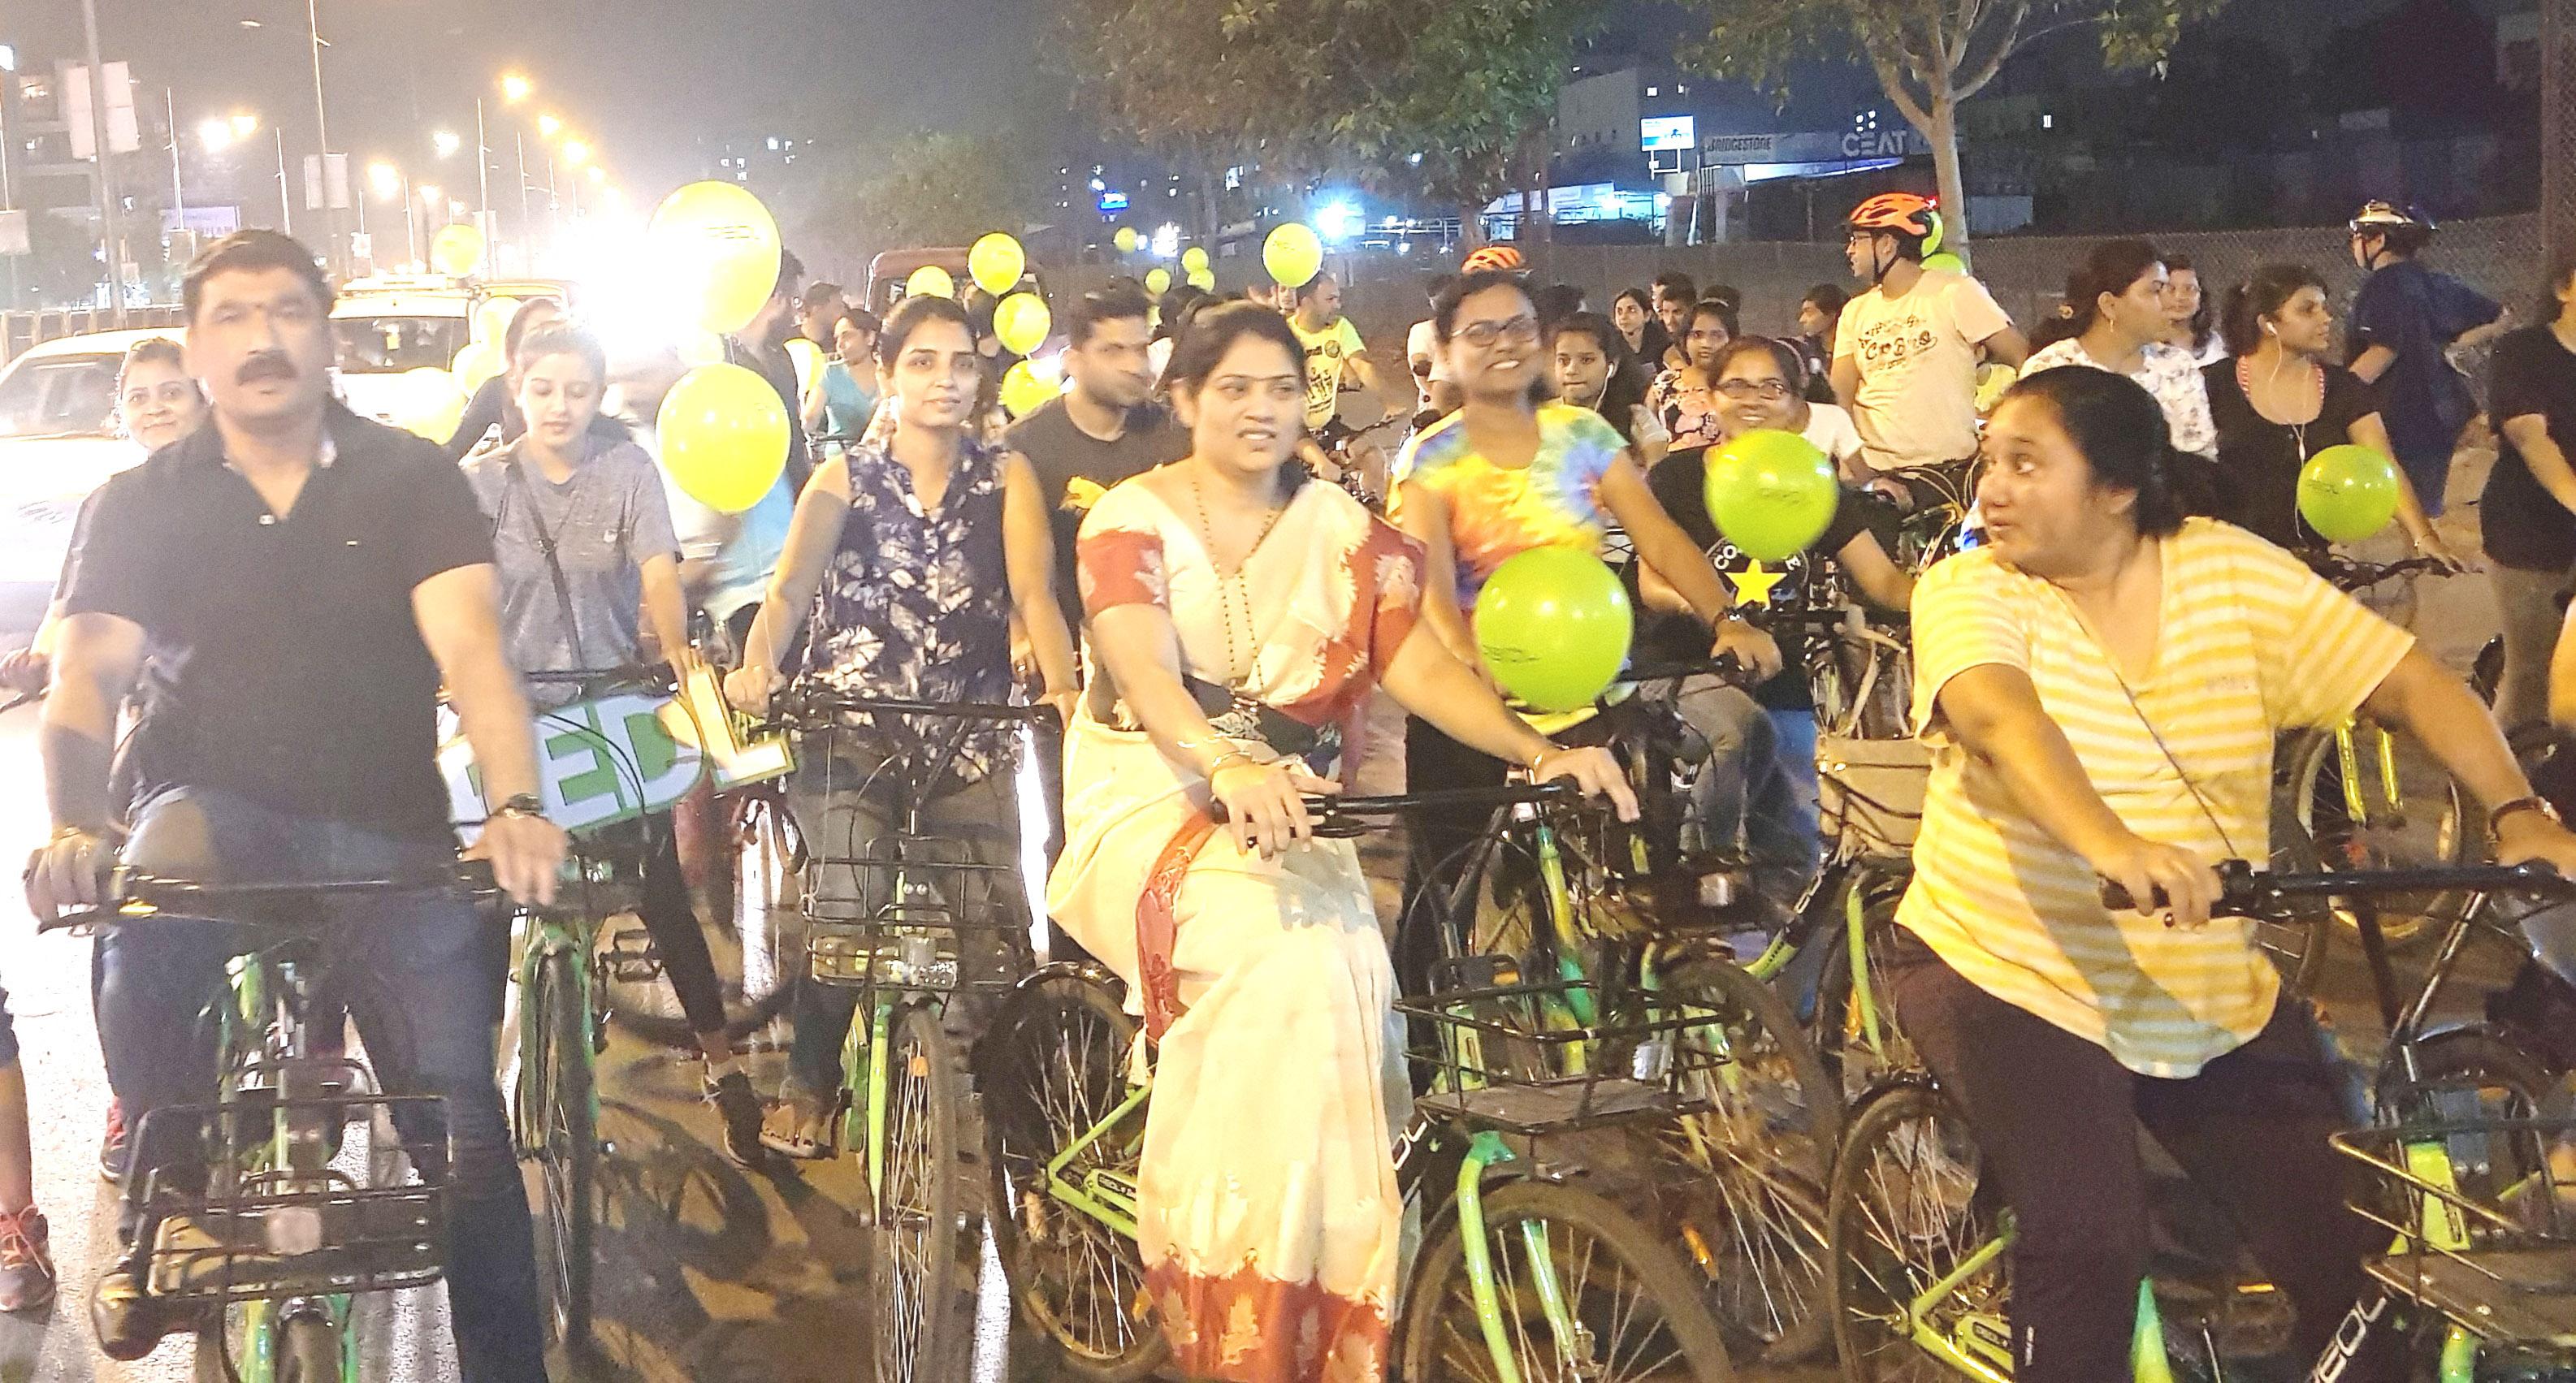 पिंपळे सौदागरमध्ये भयमुक्त वातावरणासाठी महिला सायकल रॅली; २५० महिलांचा सहभाग